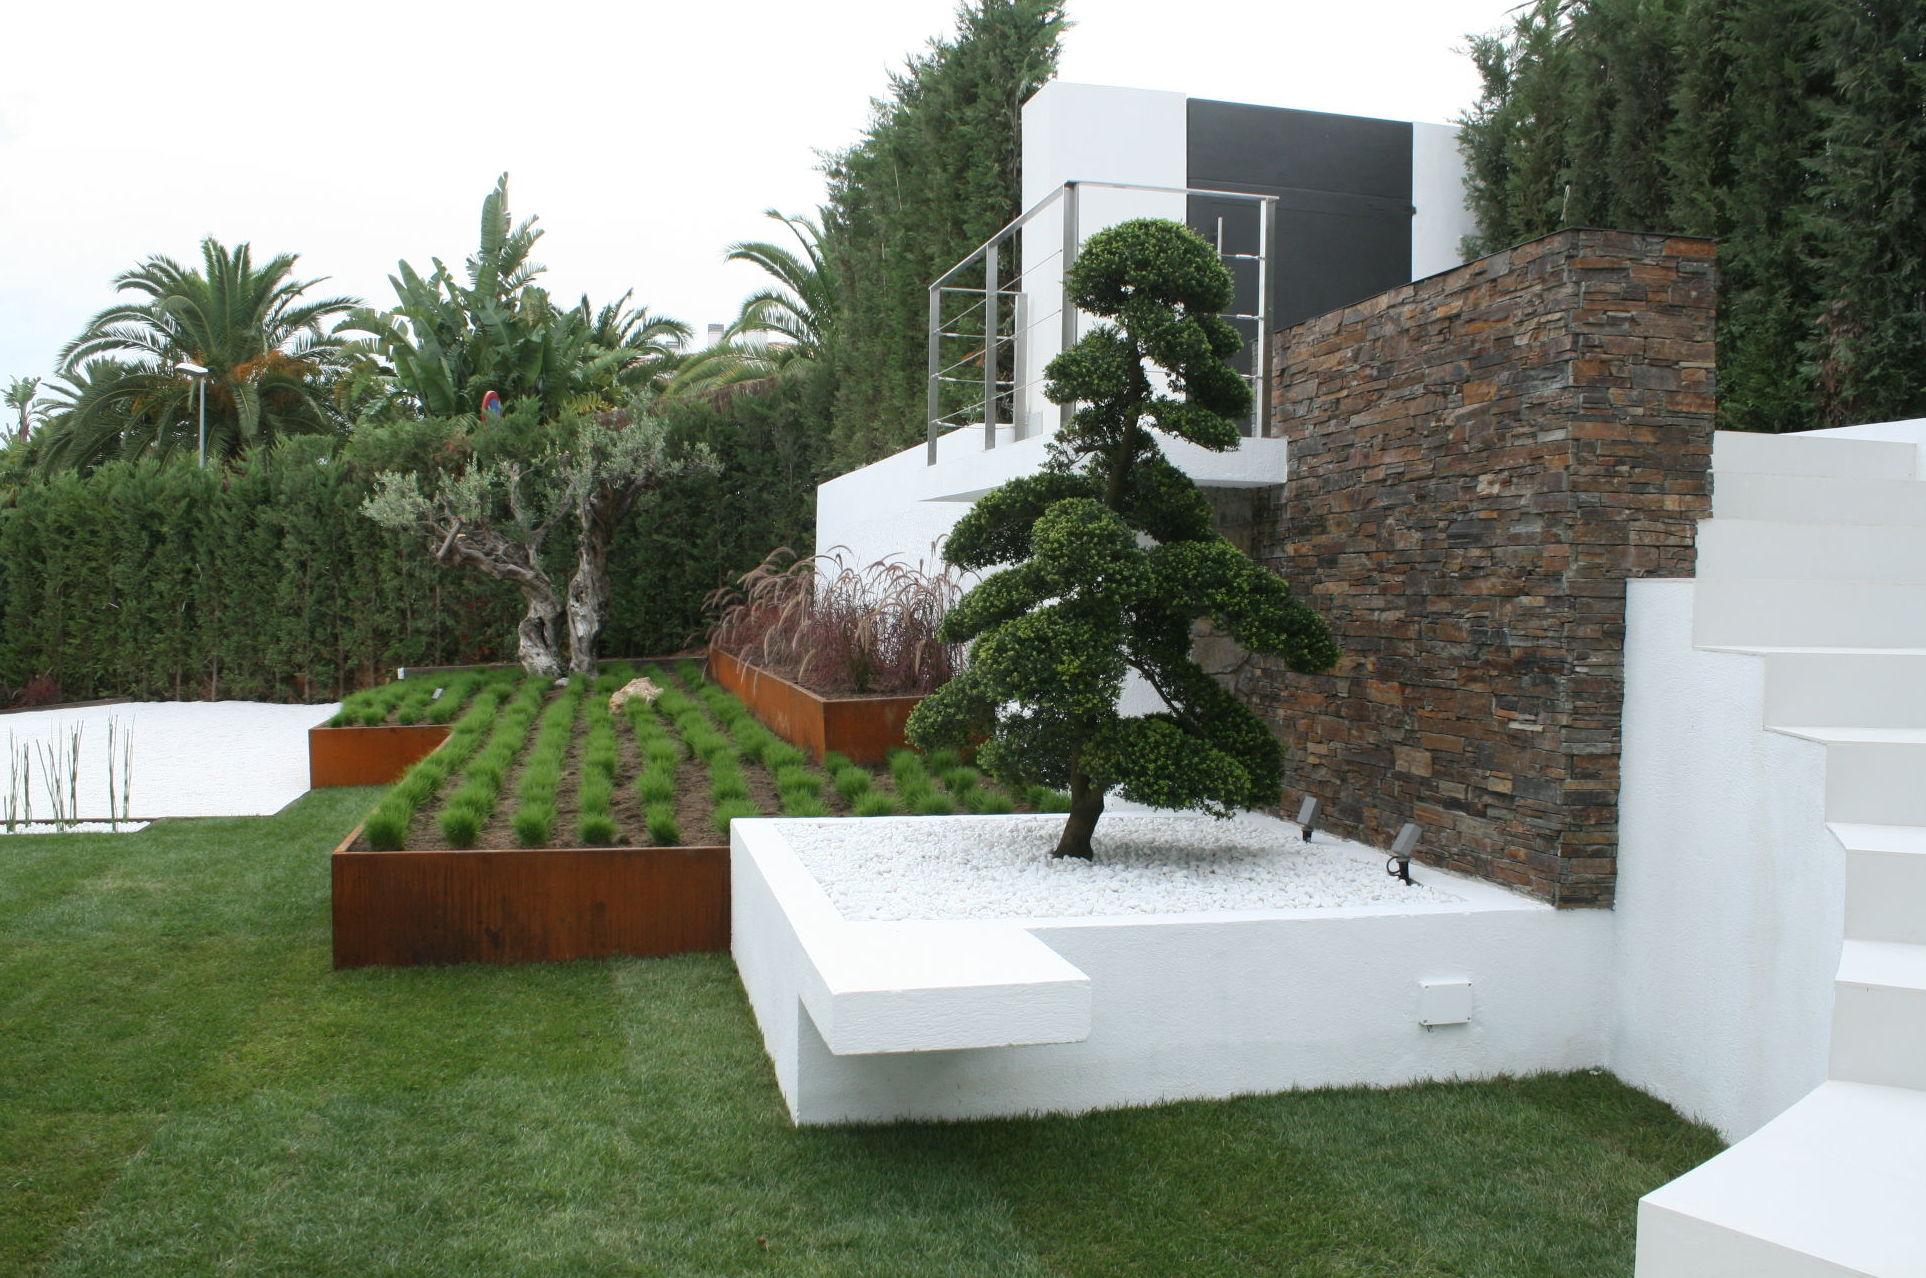 Como dise ar un jard n moderno vivero en onil centro de jardiner a font roja onil - Fotos de jardines modernos ...